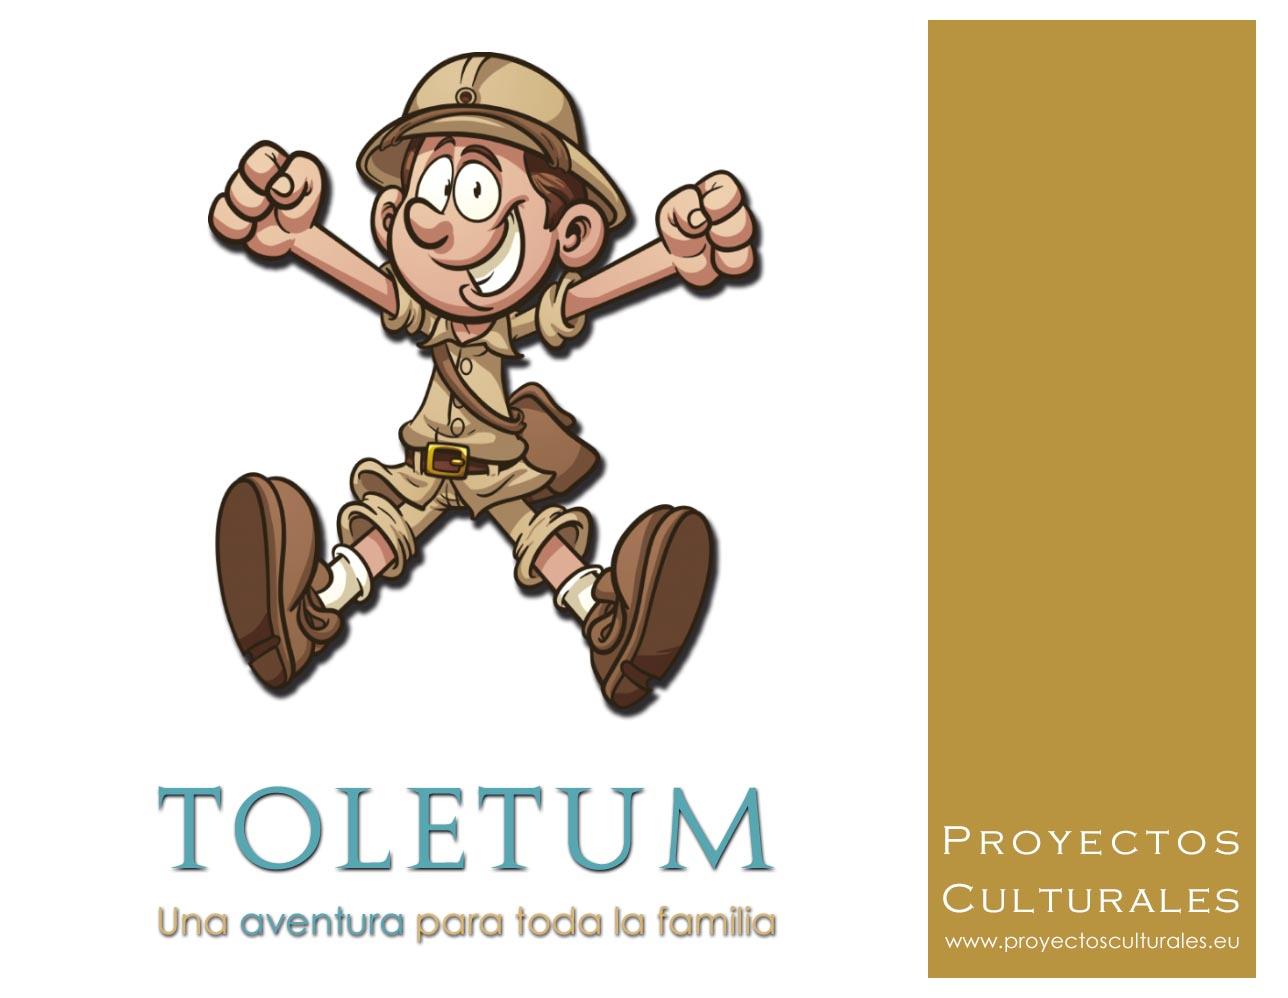 Jornada en imágenes de Toletum, una aventura para toda la familia